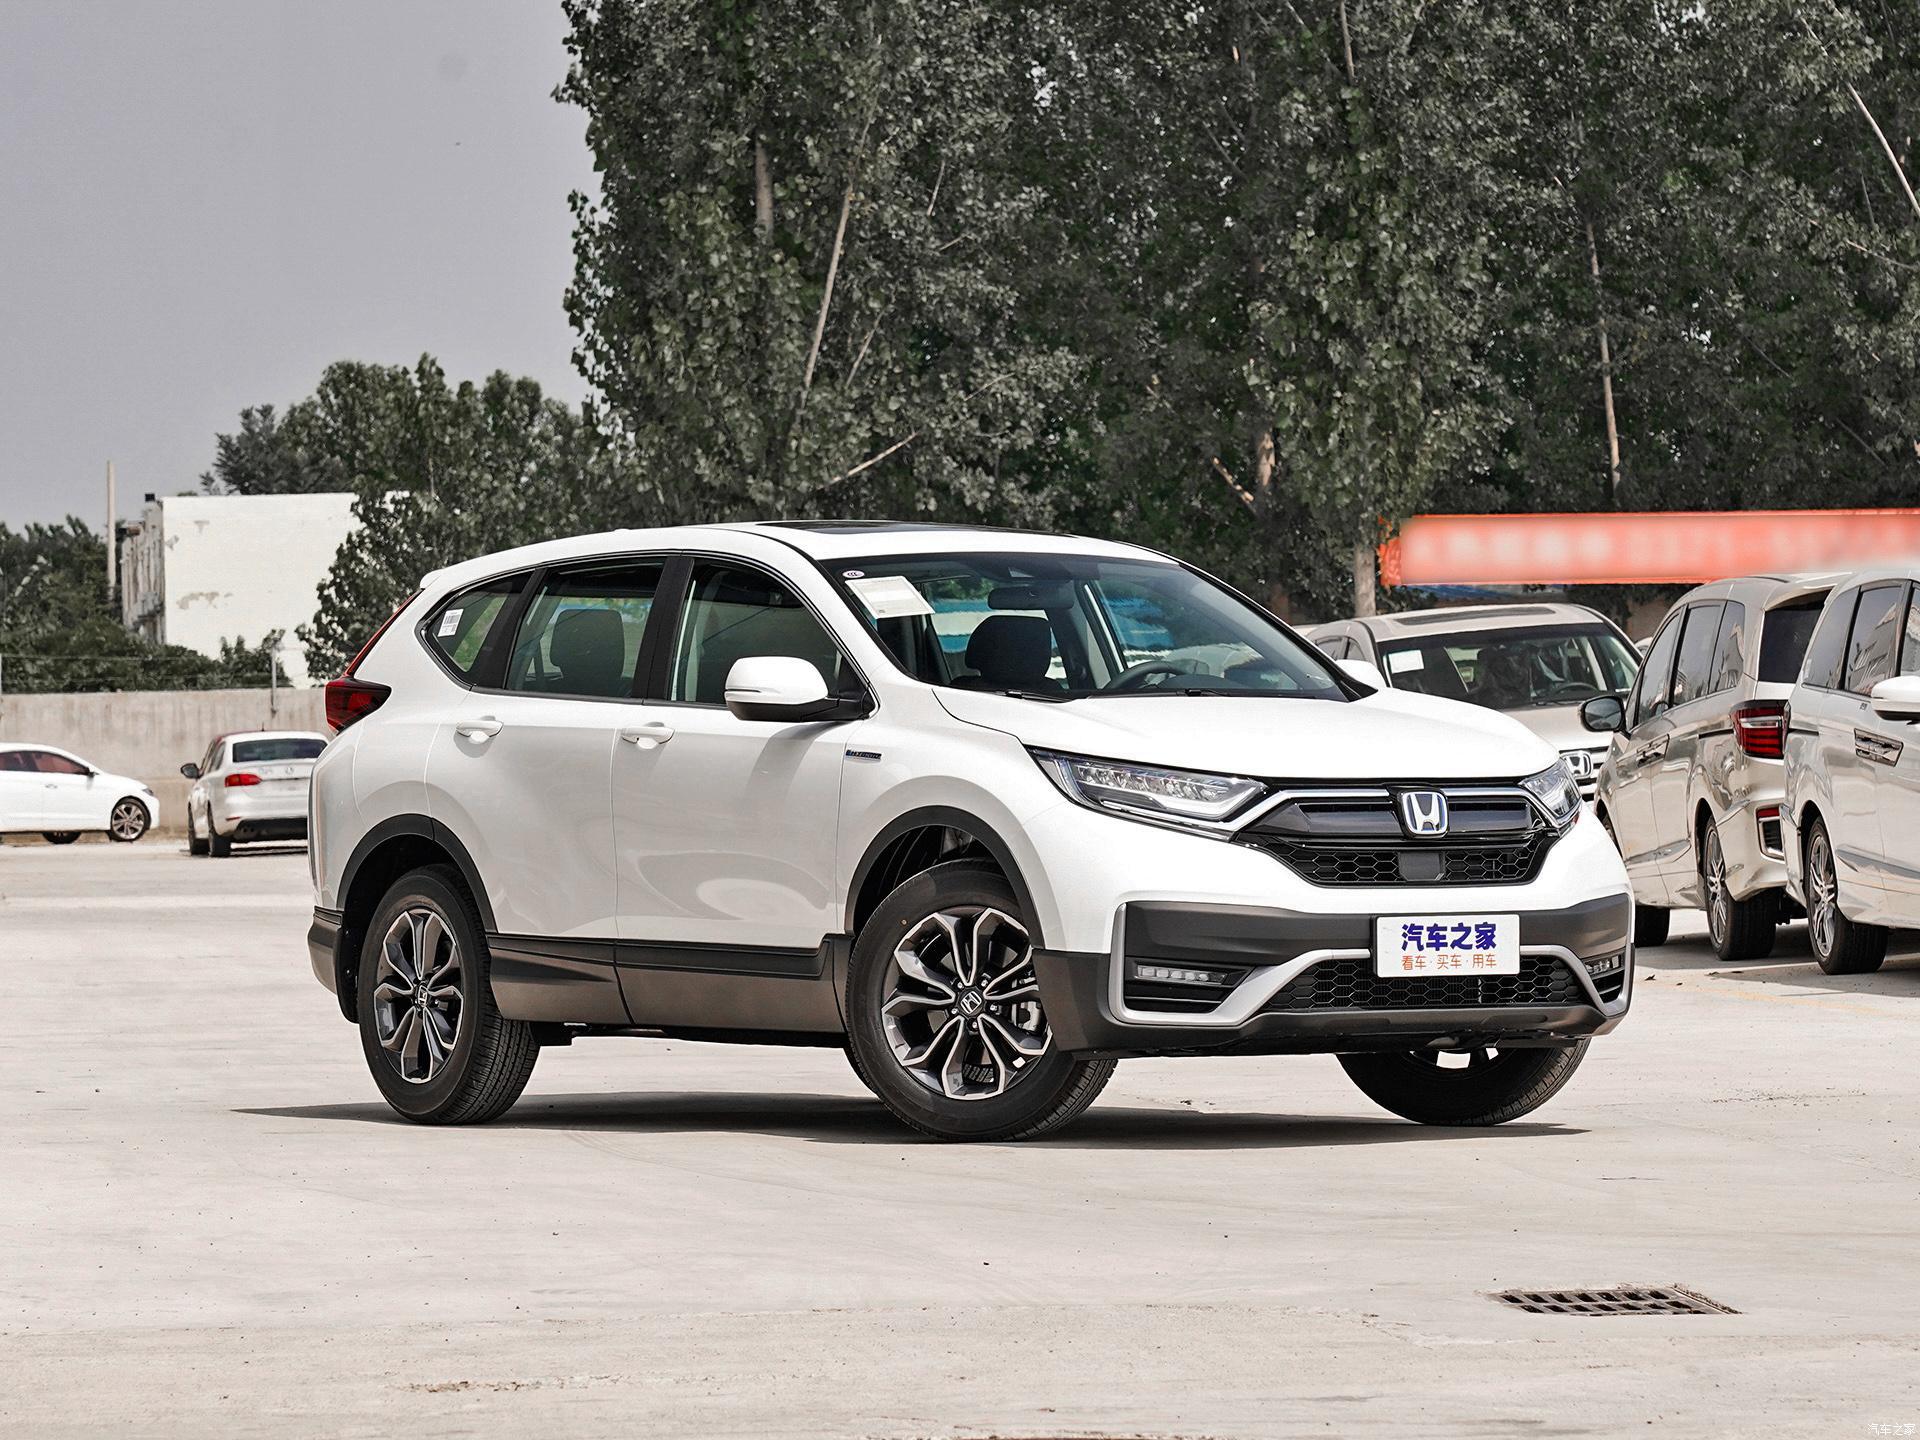 Honda CR-V стала самым экономичным кроссовером: на рынок выходит модель с новым силовым агрегатом